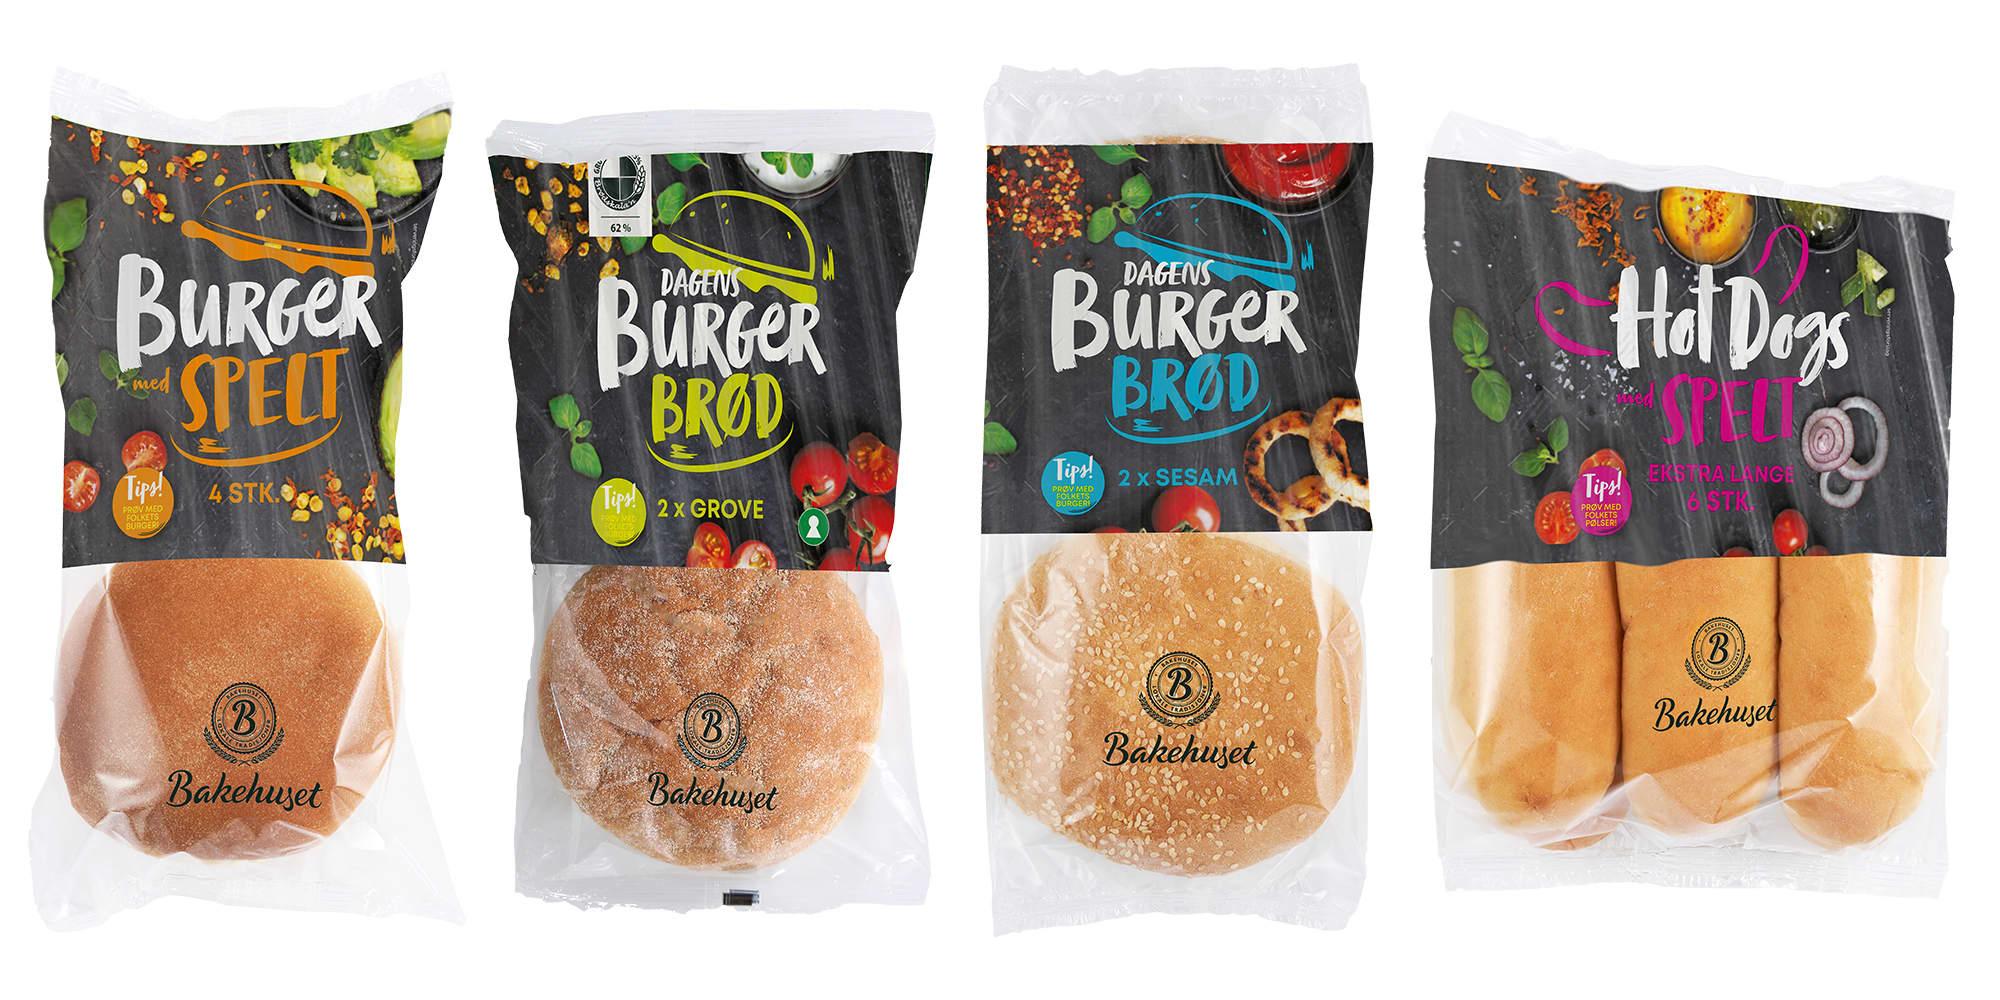 Nyheter fra Bakehuset: Spelt burgerbrød, Dagens Grove burgerbrød, Dagens Sesam burgerbrød og Spelt pølsebrød.